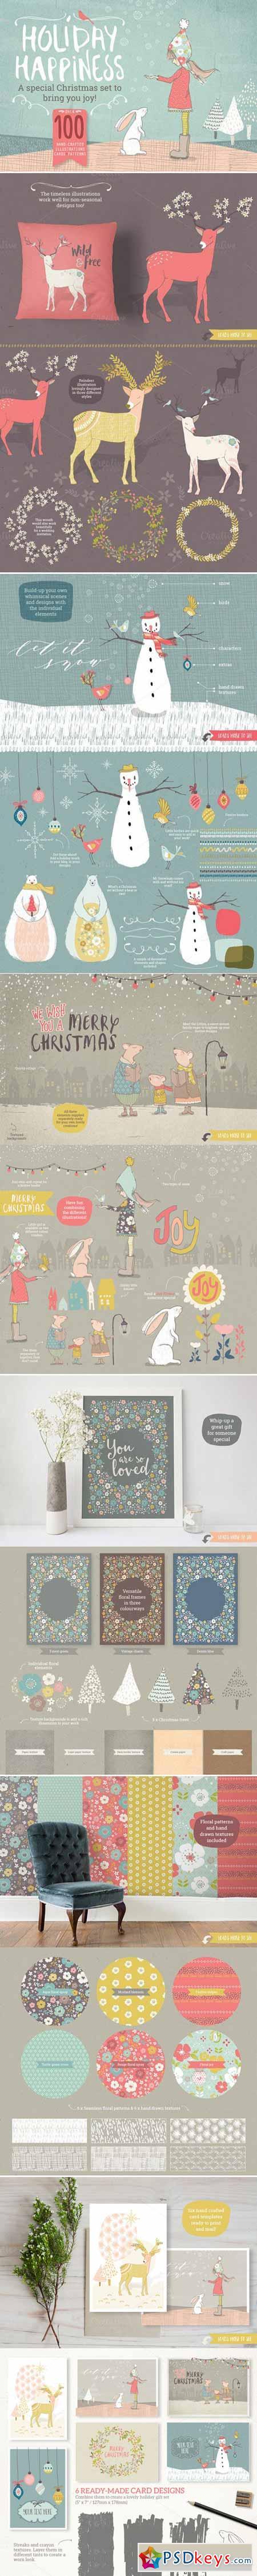 Holiday & Christmas bundle 403264